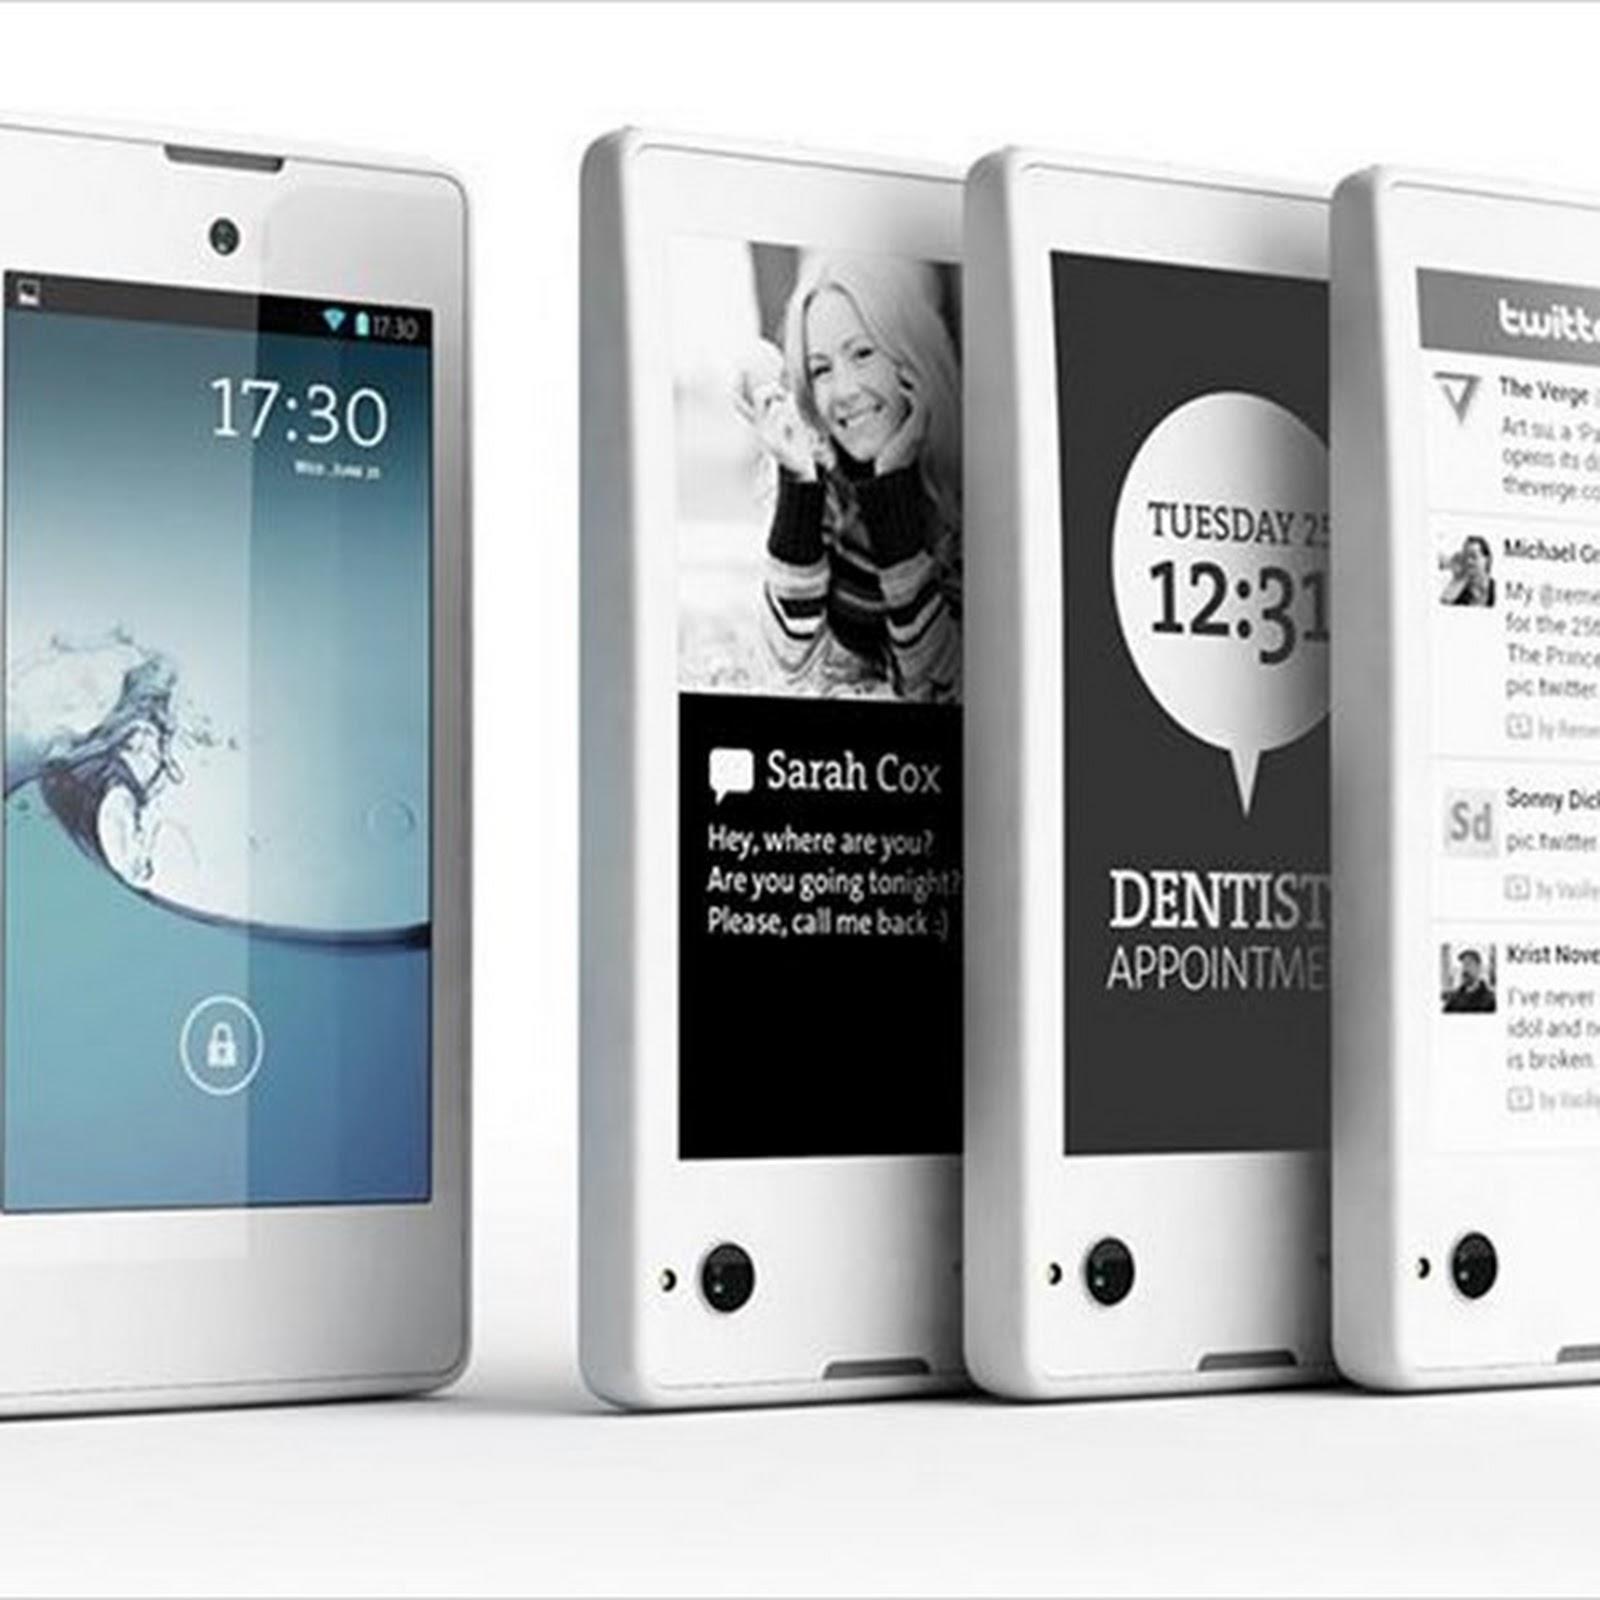 Desde las lejanas estepas rusas llega Yotaphone, un revolucionario smartphone que integra dos pantallas: una tradicional LCD y otra con tecnología E-Ink